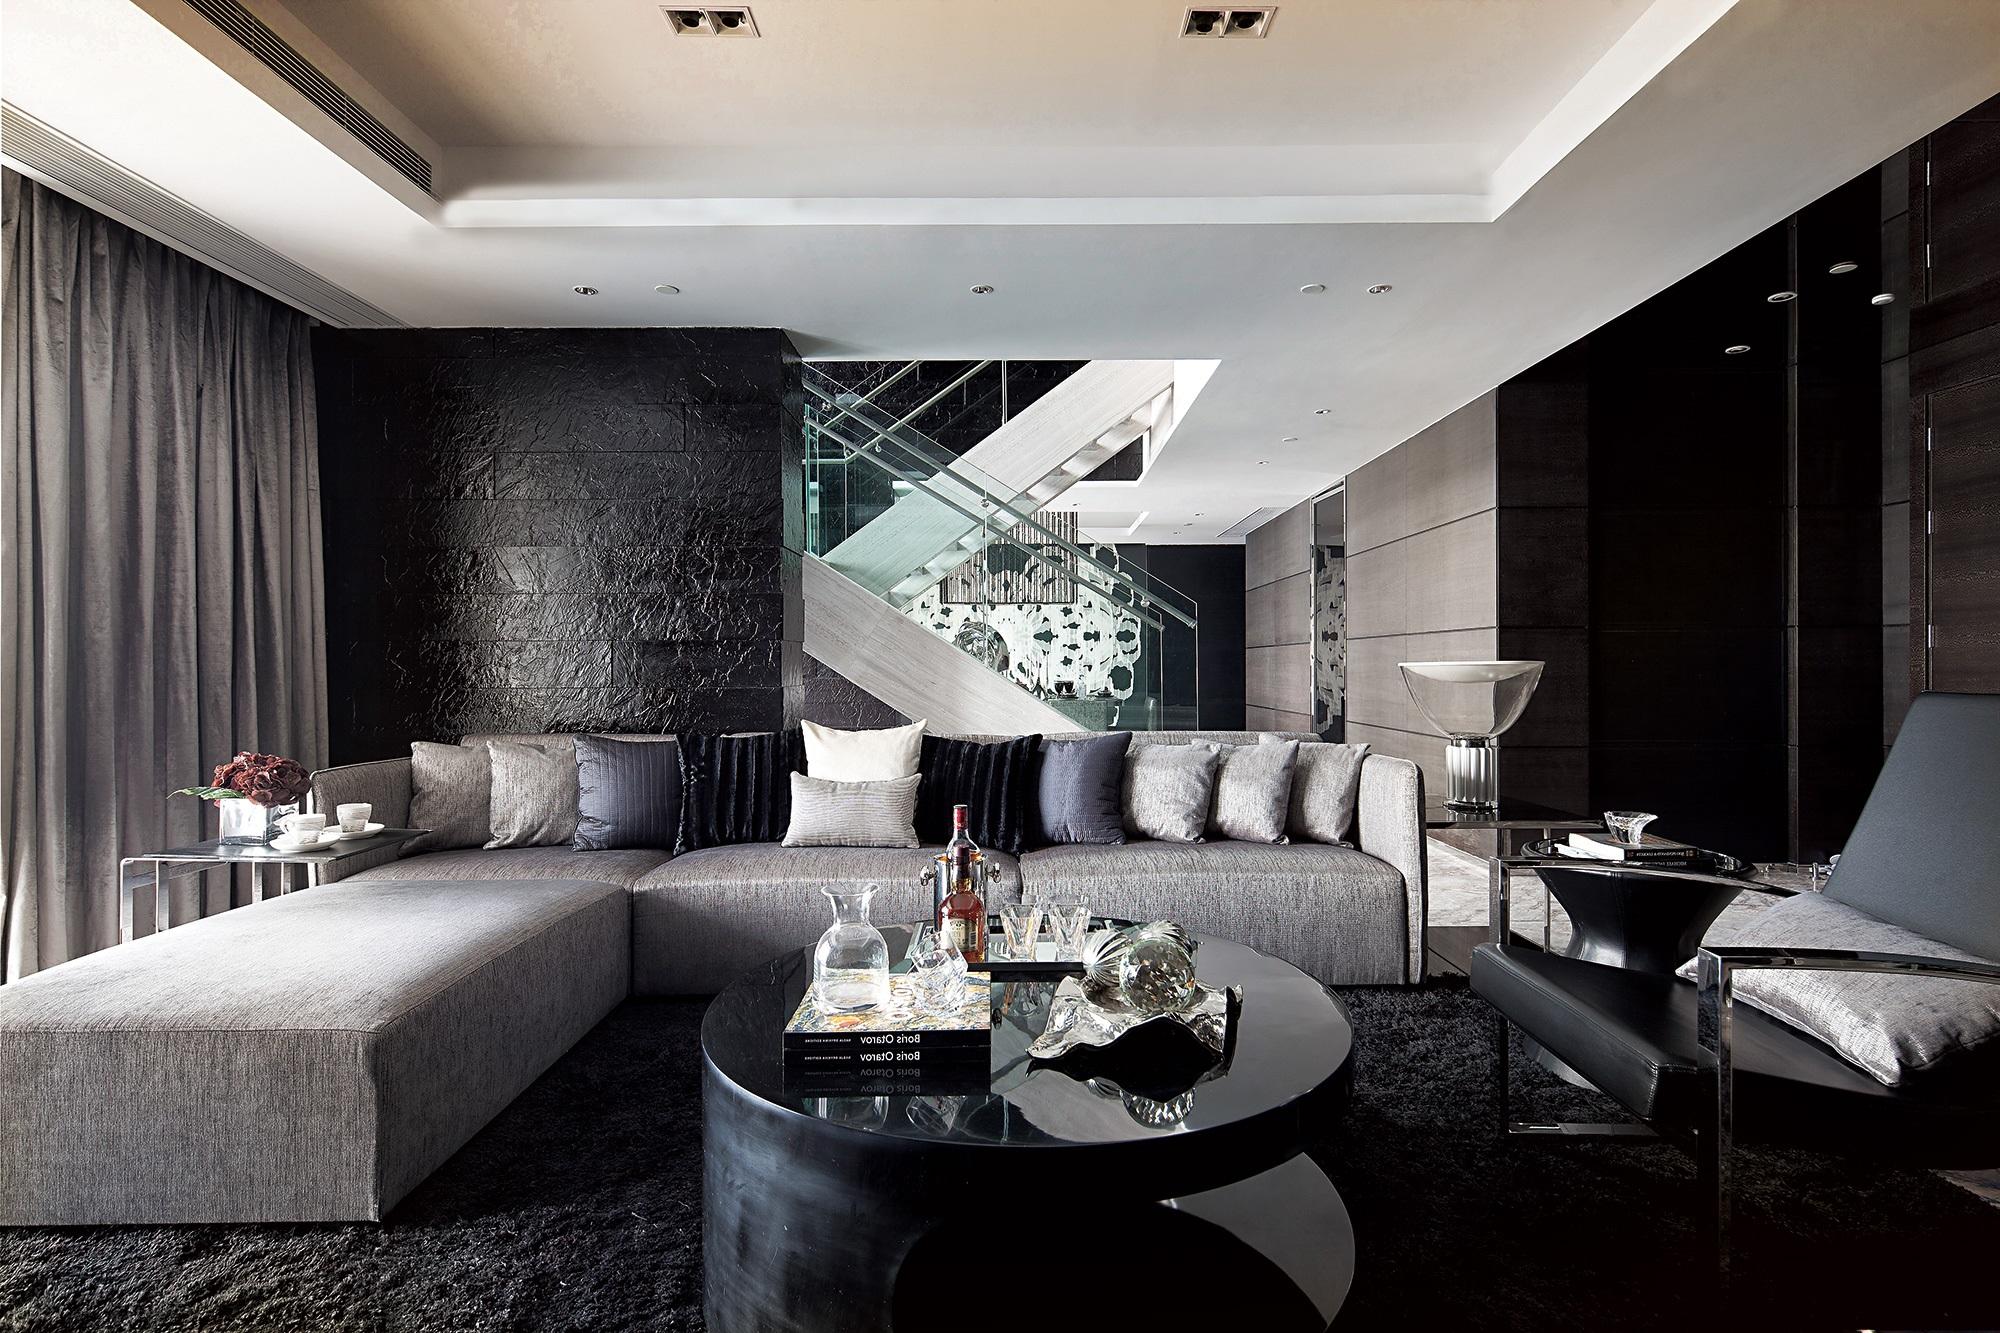 Традиционно мягкую мебель приобретают немарких цветов